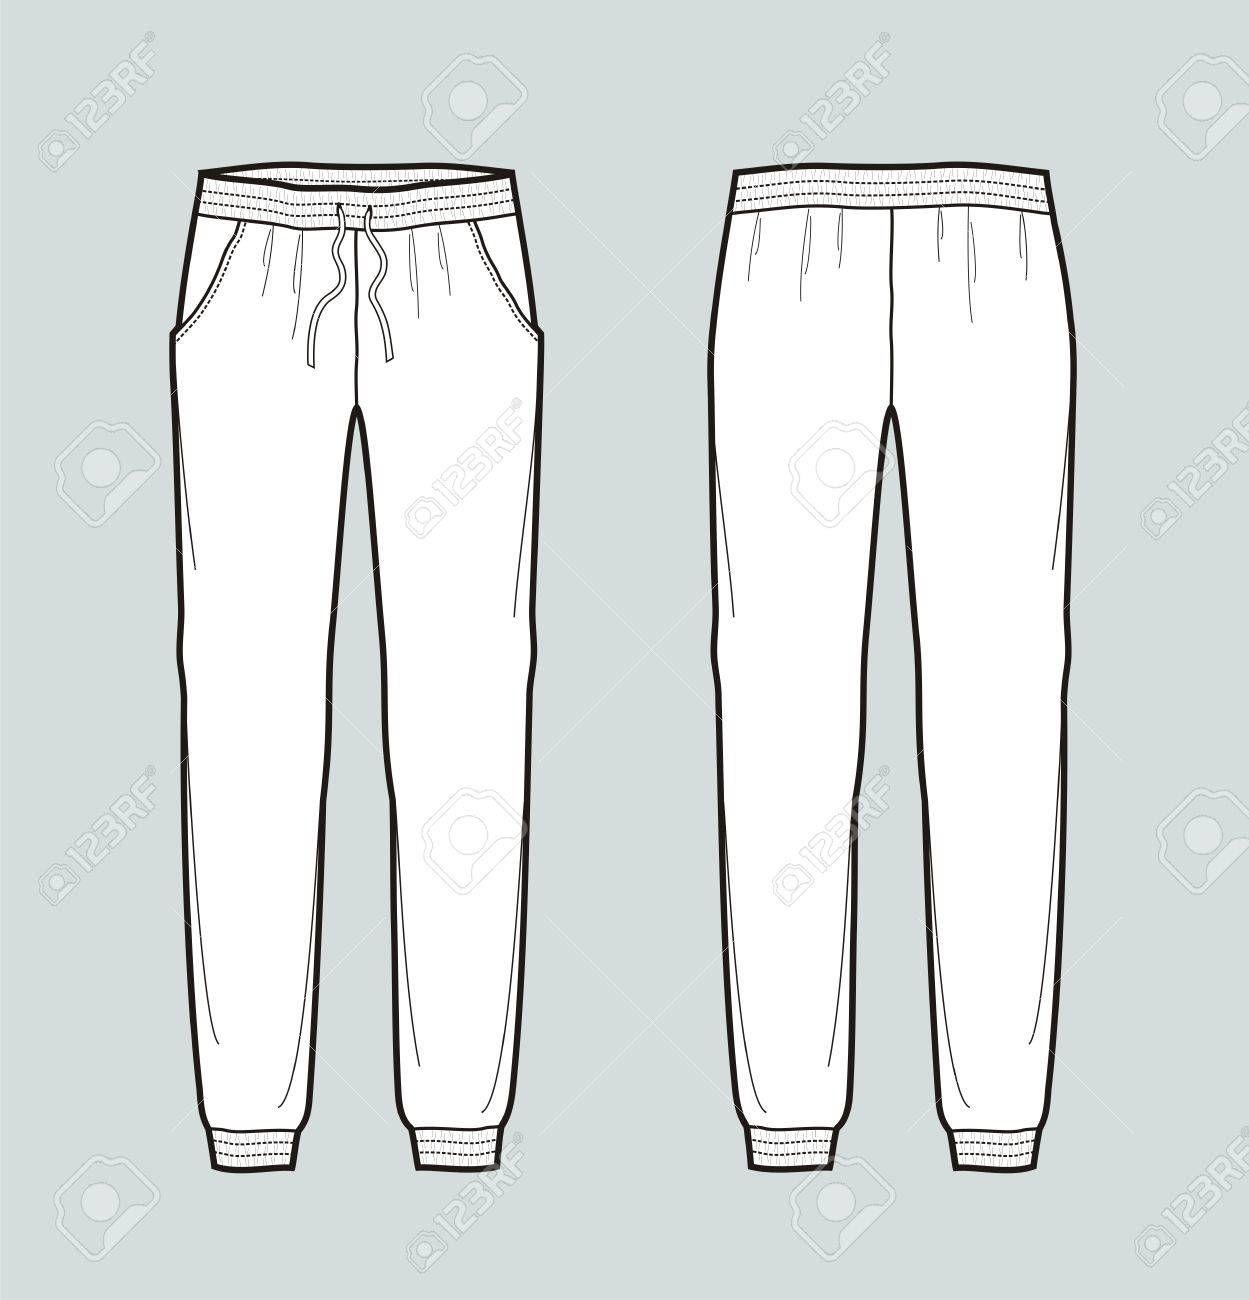 Pantalon Mujer Vector Buscar Con Google Bocetos De Ropa Figuras De La Moda Pantalones Dibujo